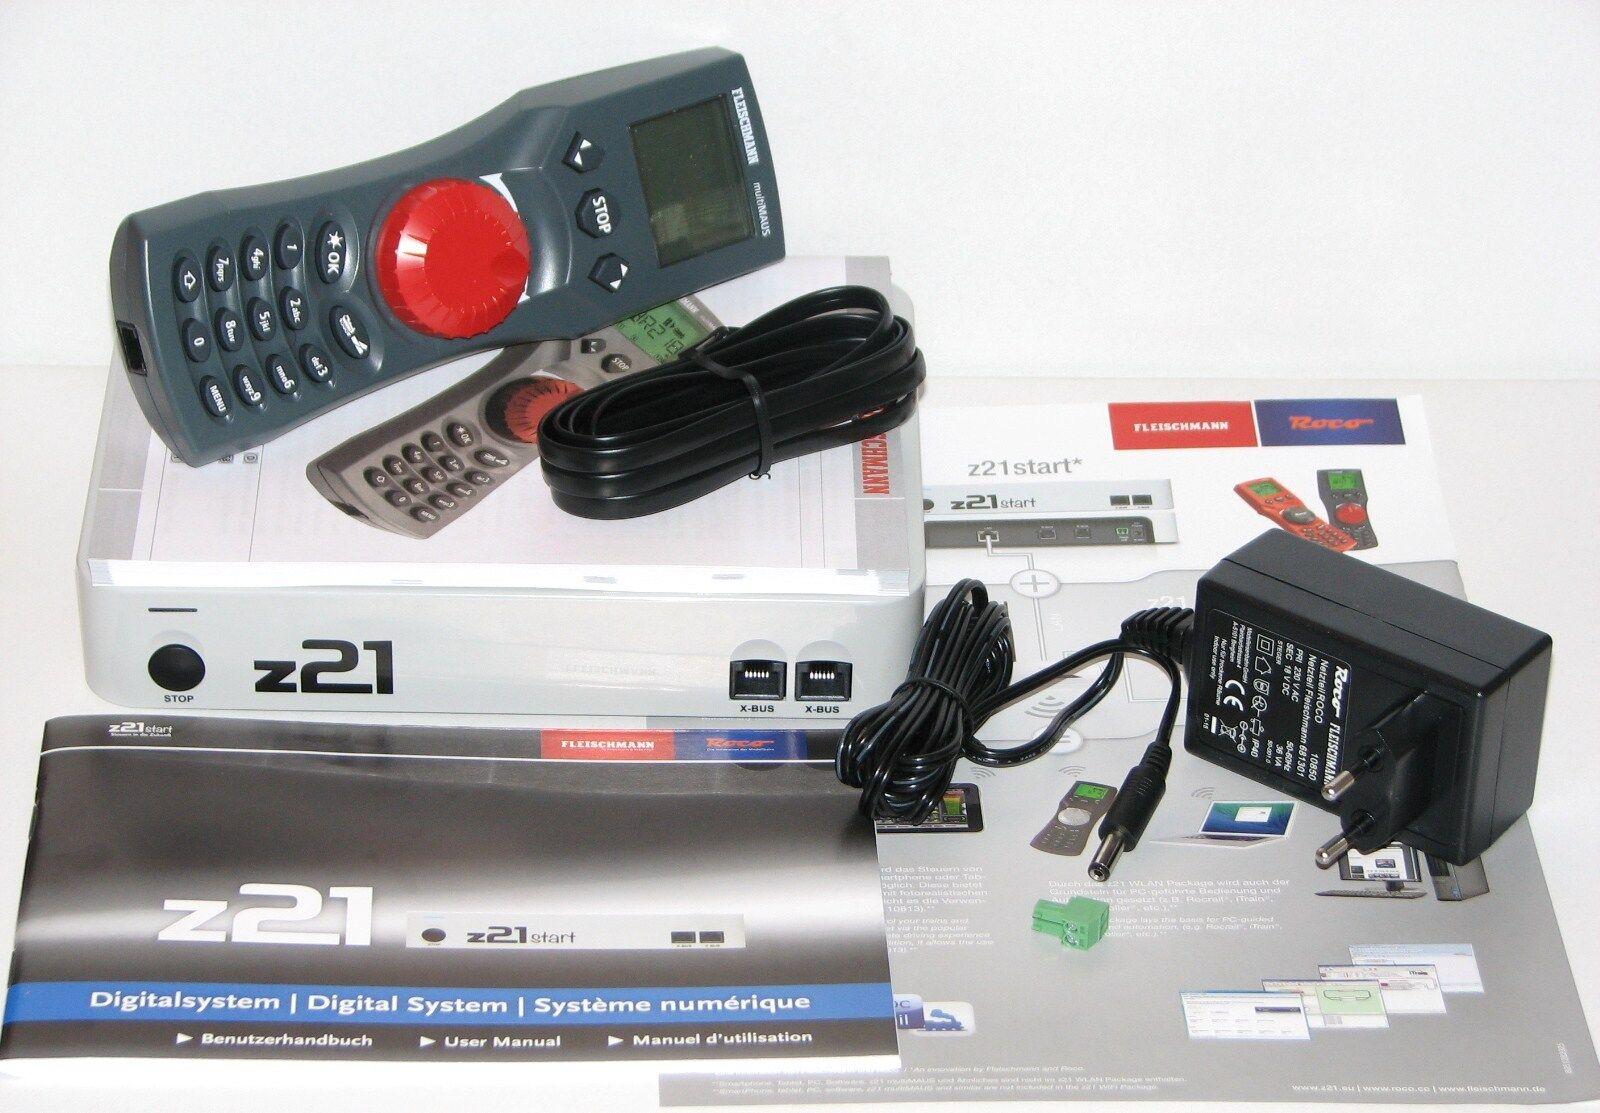 Roco   Fleischmann 10825 Digitalzentrale z21 start + Fleischmann MultiMaus - NEU